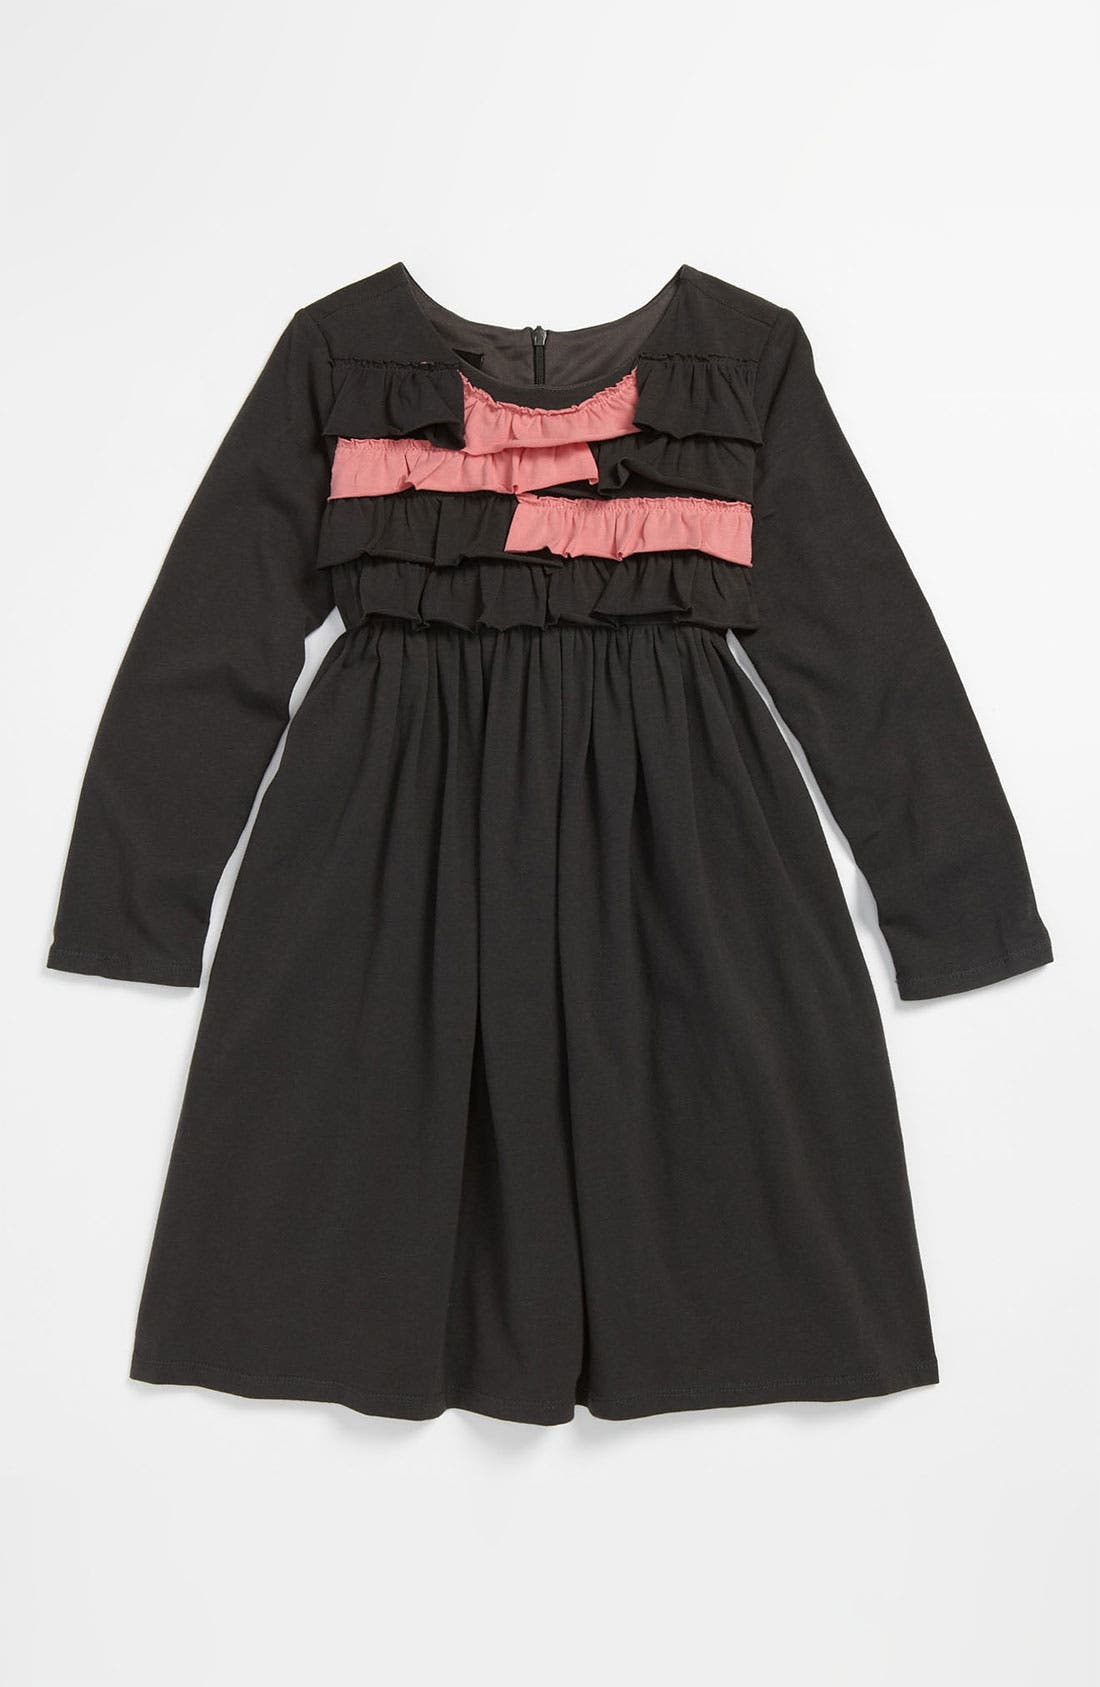 Alternate Image 1 Selected - Isobella & Chloe 'Darlene' Dress (Little Girls & Big Girls)